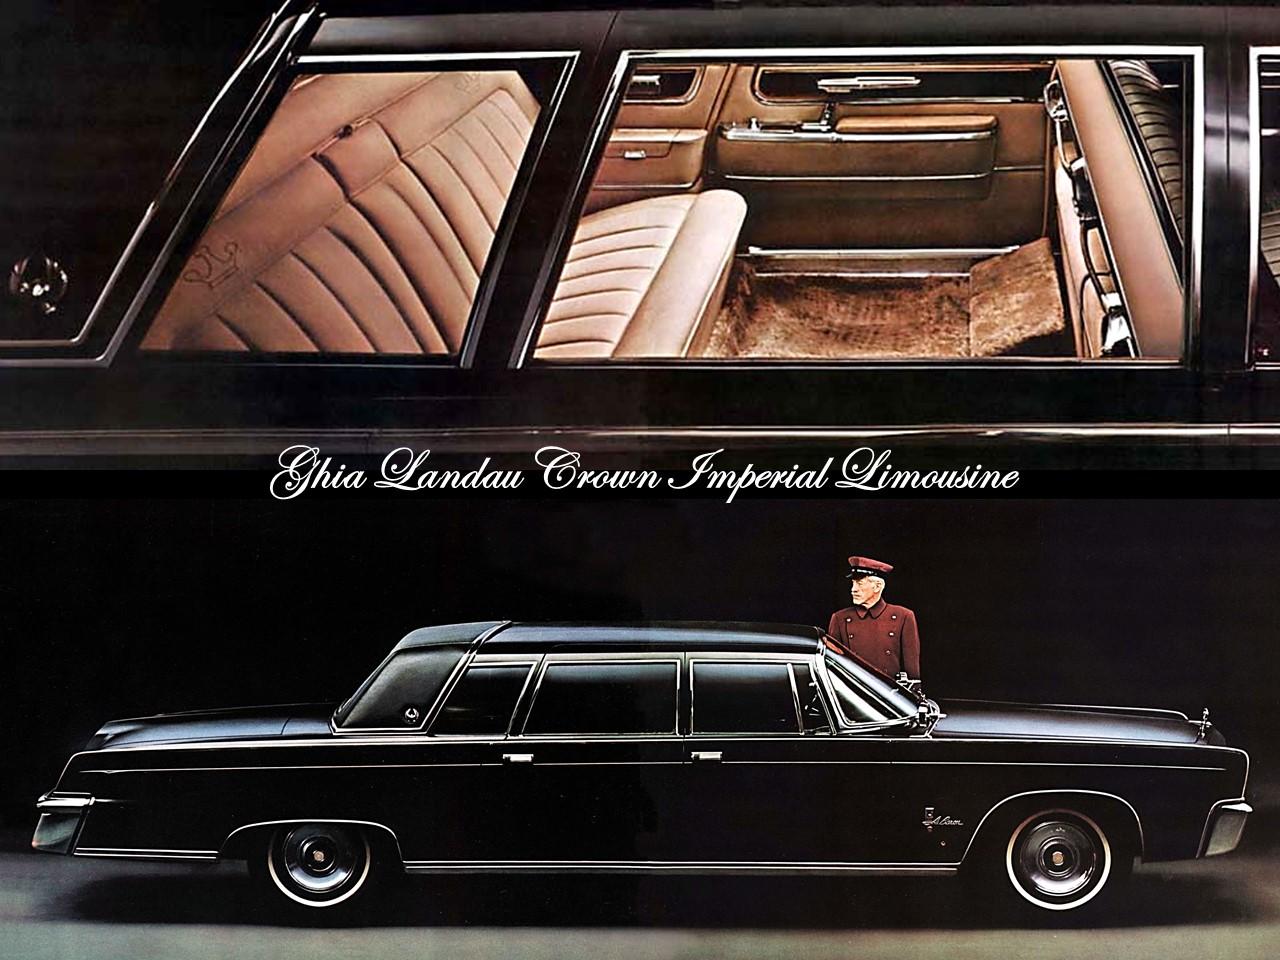 Crown Jewel 1964 Ghia Landau Crown Imperial Limousine